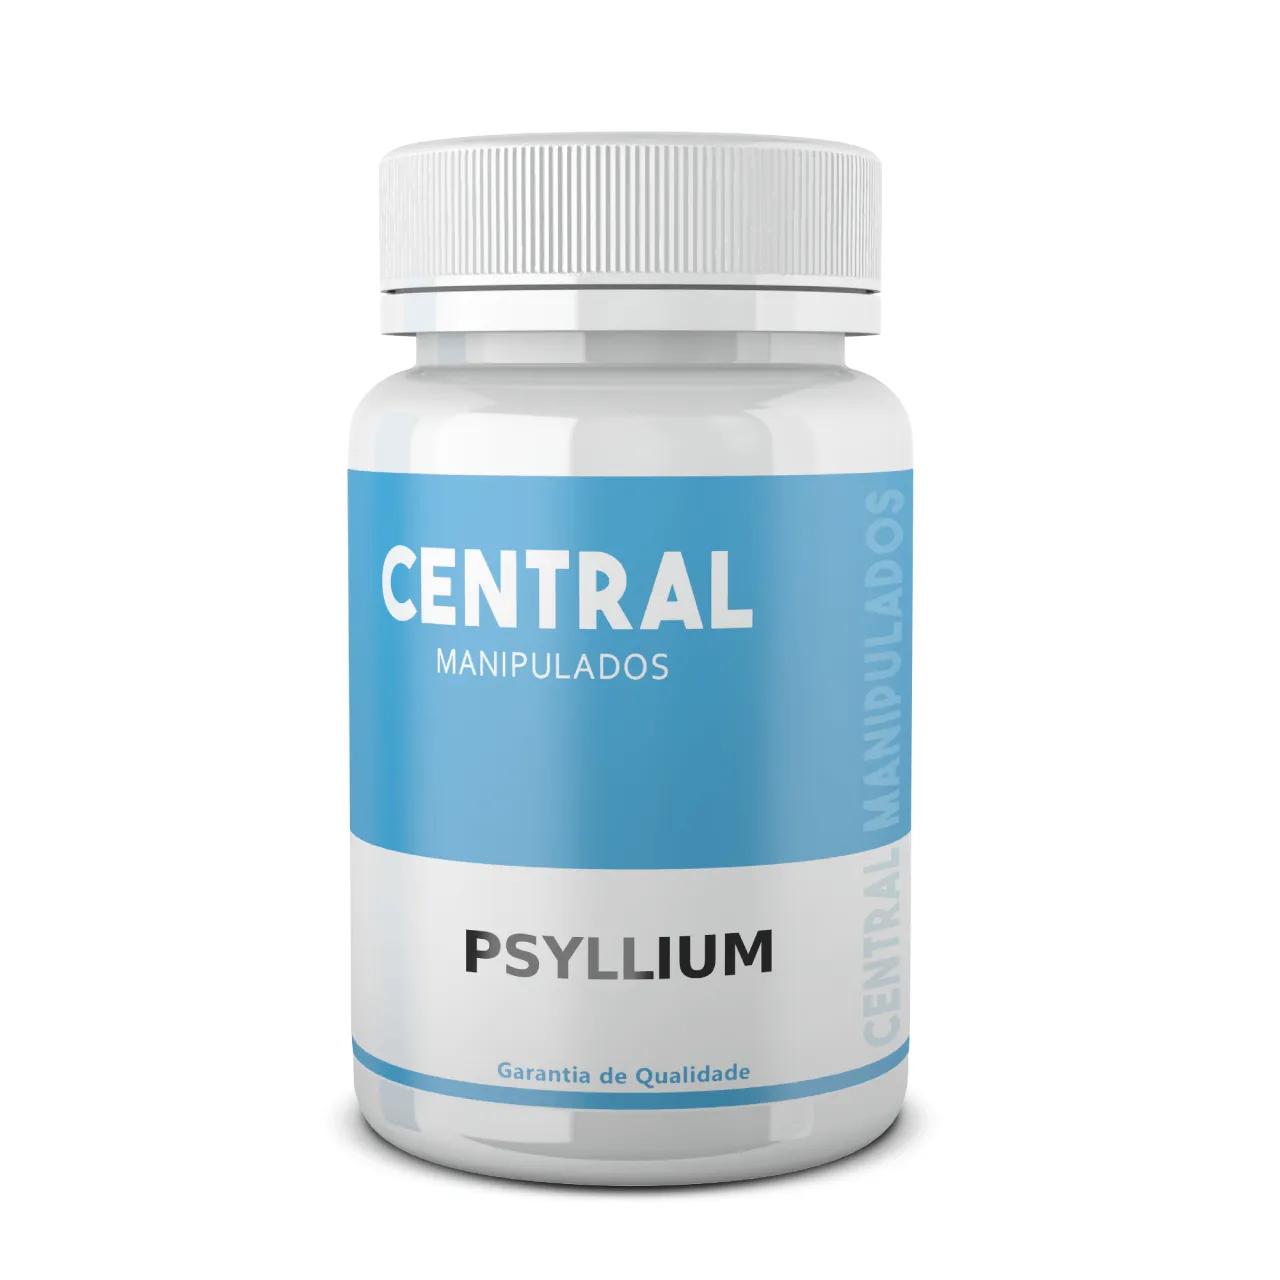 Psyllium 500mg - 60 cápsulas - Para constipação crônica, hemorroidas, colites e diverticulites, saúde intestinal